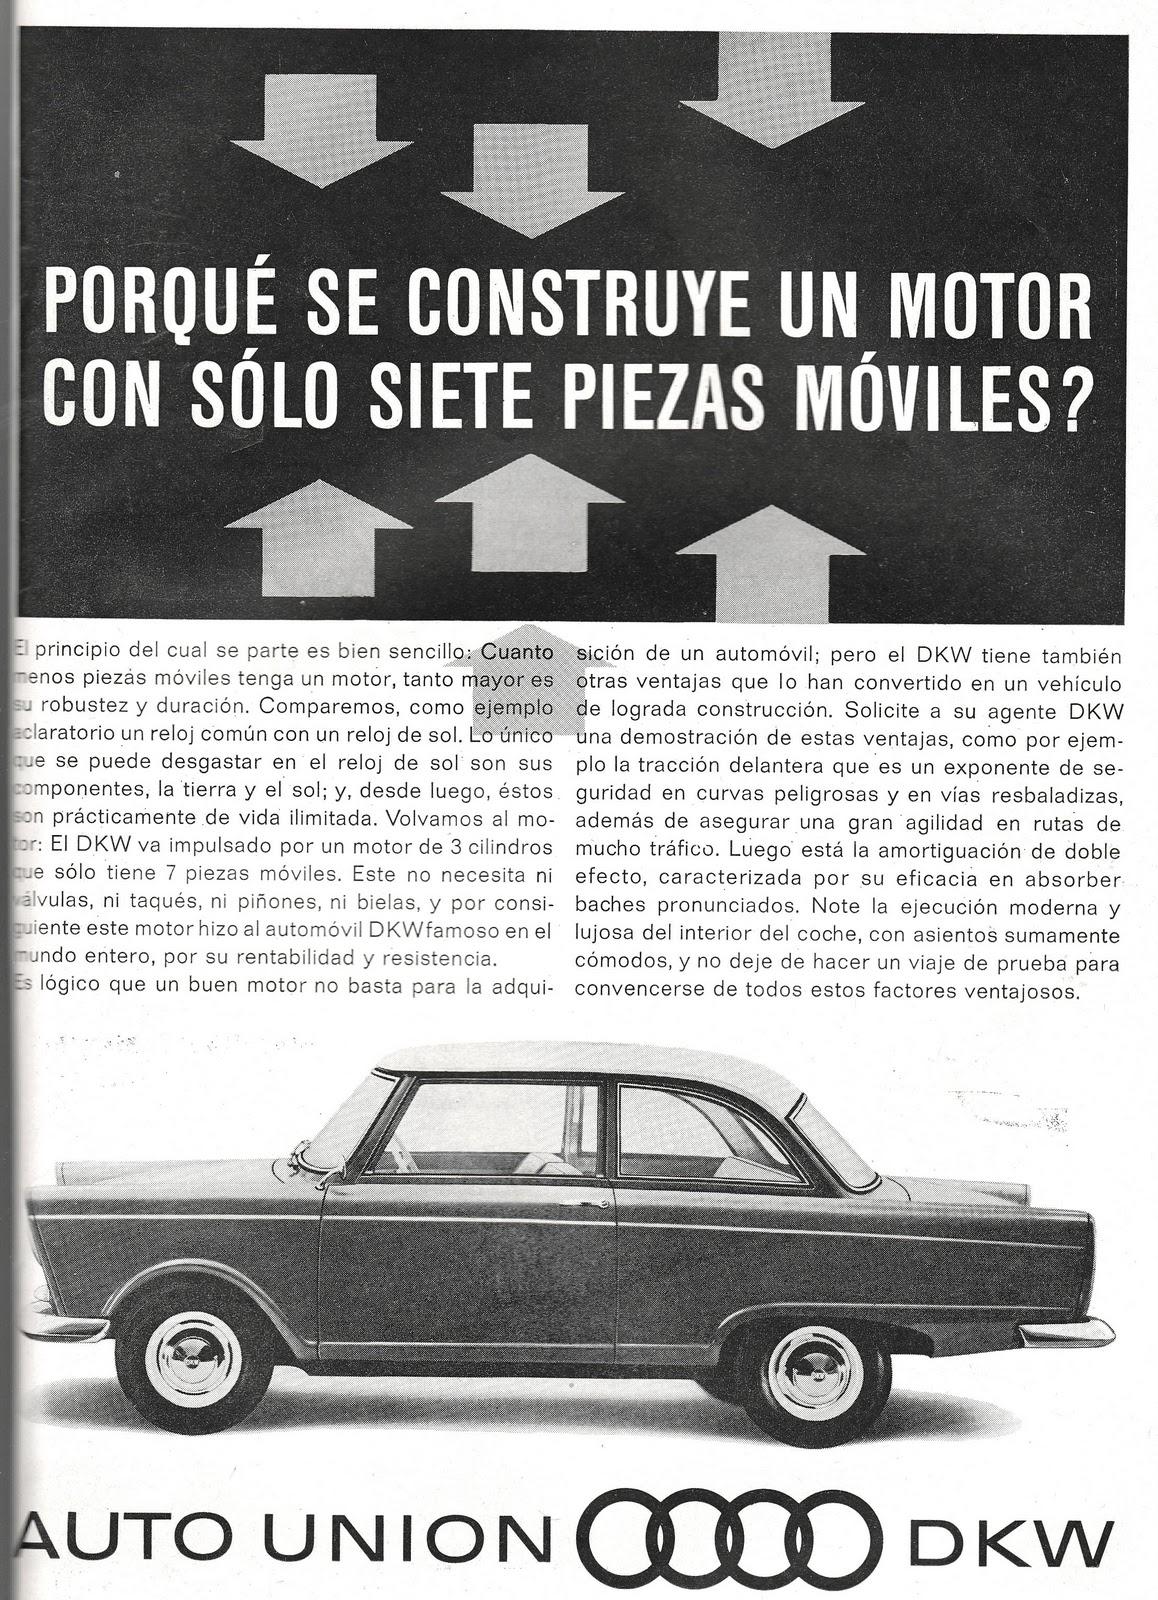 Manuales De Mecnica Y Taller Descarga Catlogos Publicidad This Is What In The Wallgt Http Wwwrenovationheadquarterscom I Auto Union Dkw 1961